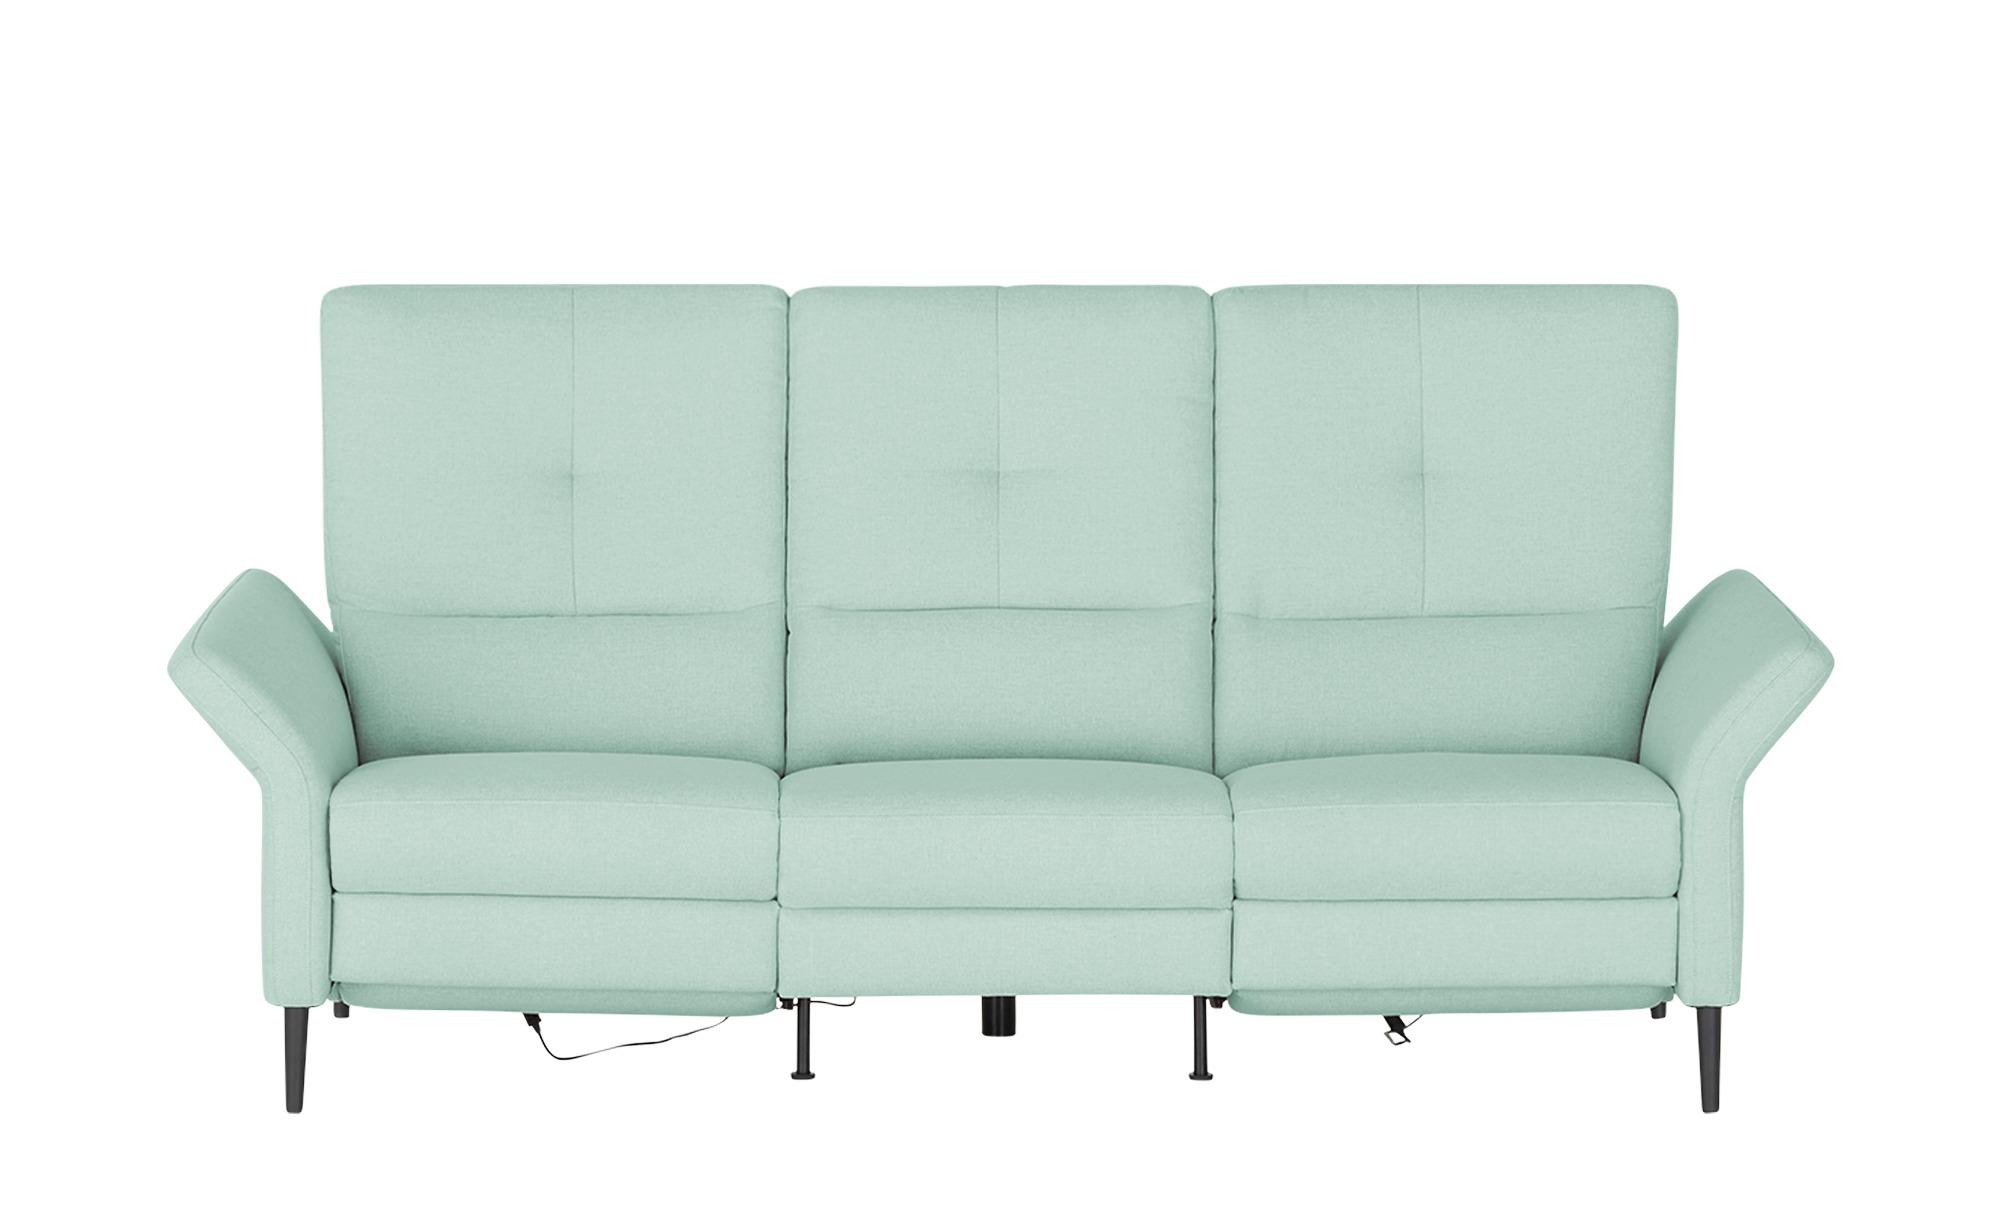 Wohnwert Einzelsofa  Sandra ¦ blau ¦ Maße (cm): B: 224 H: 108 T: 89 Polstermöbel > Sofas > 2-Sitzer - Höffner